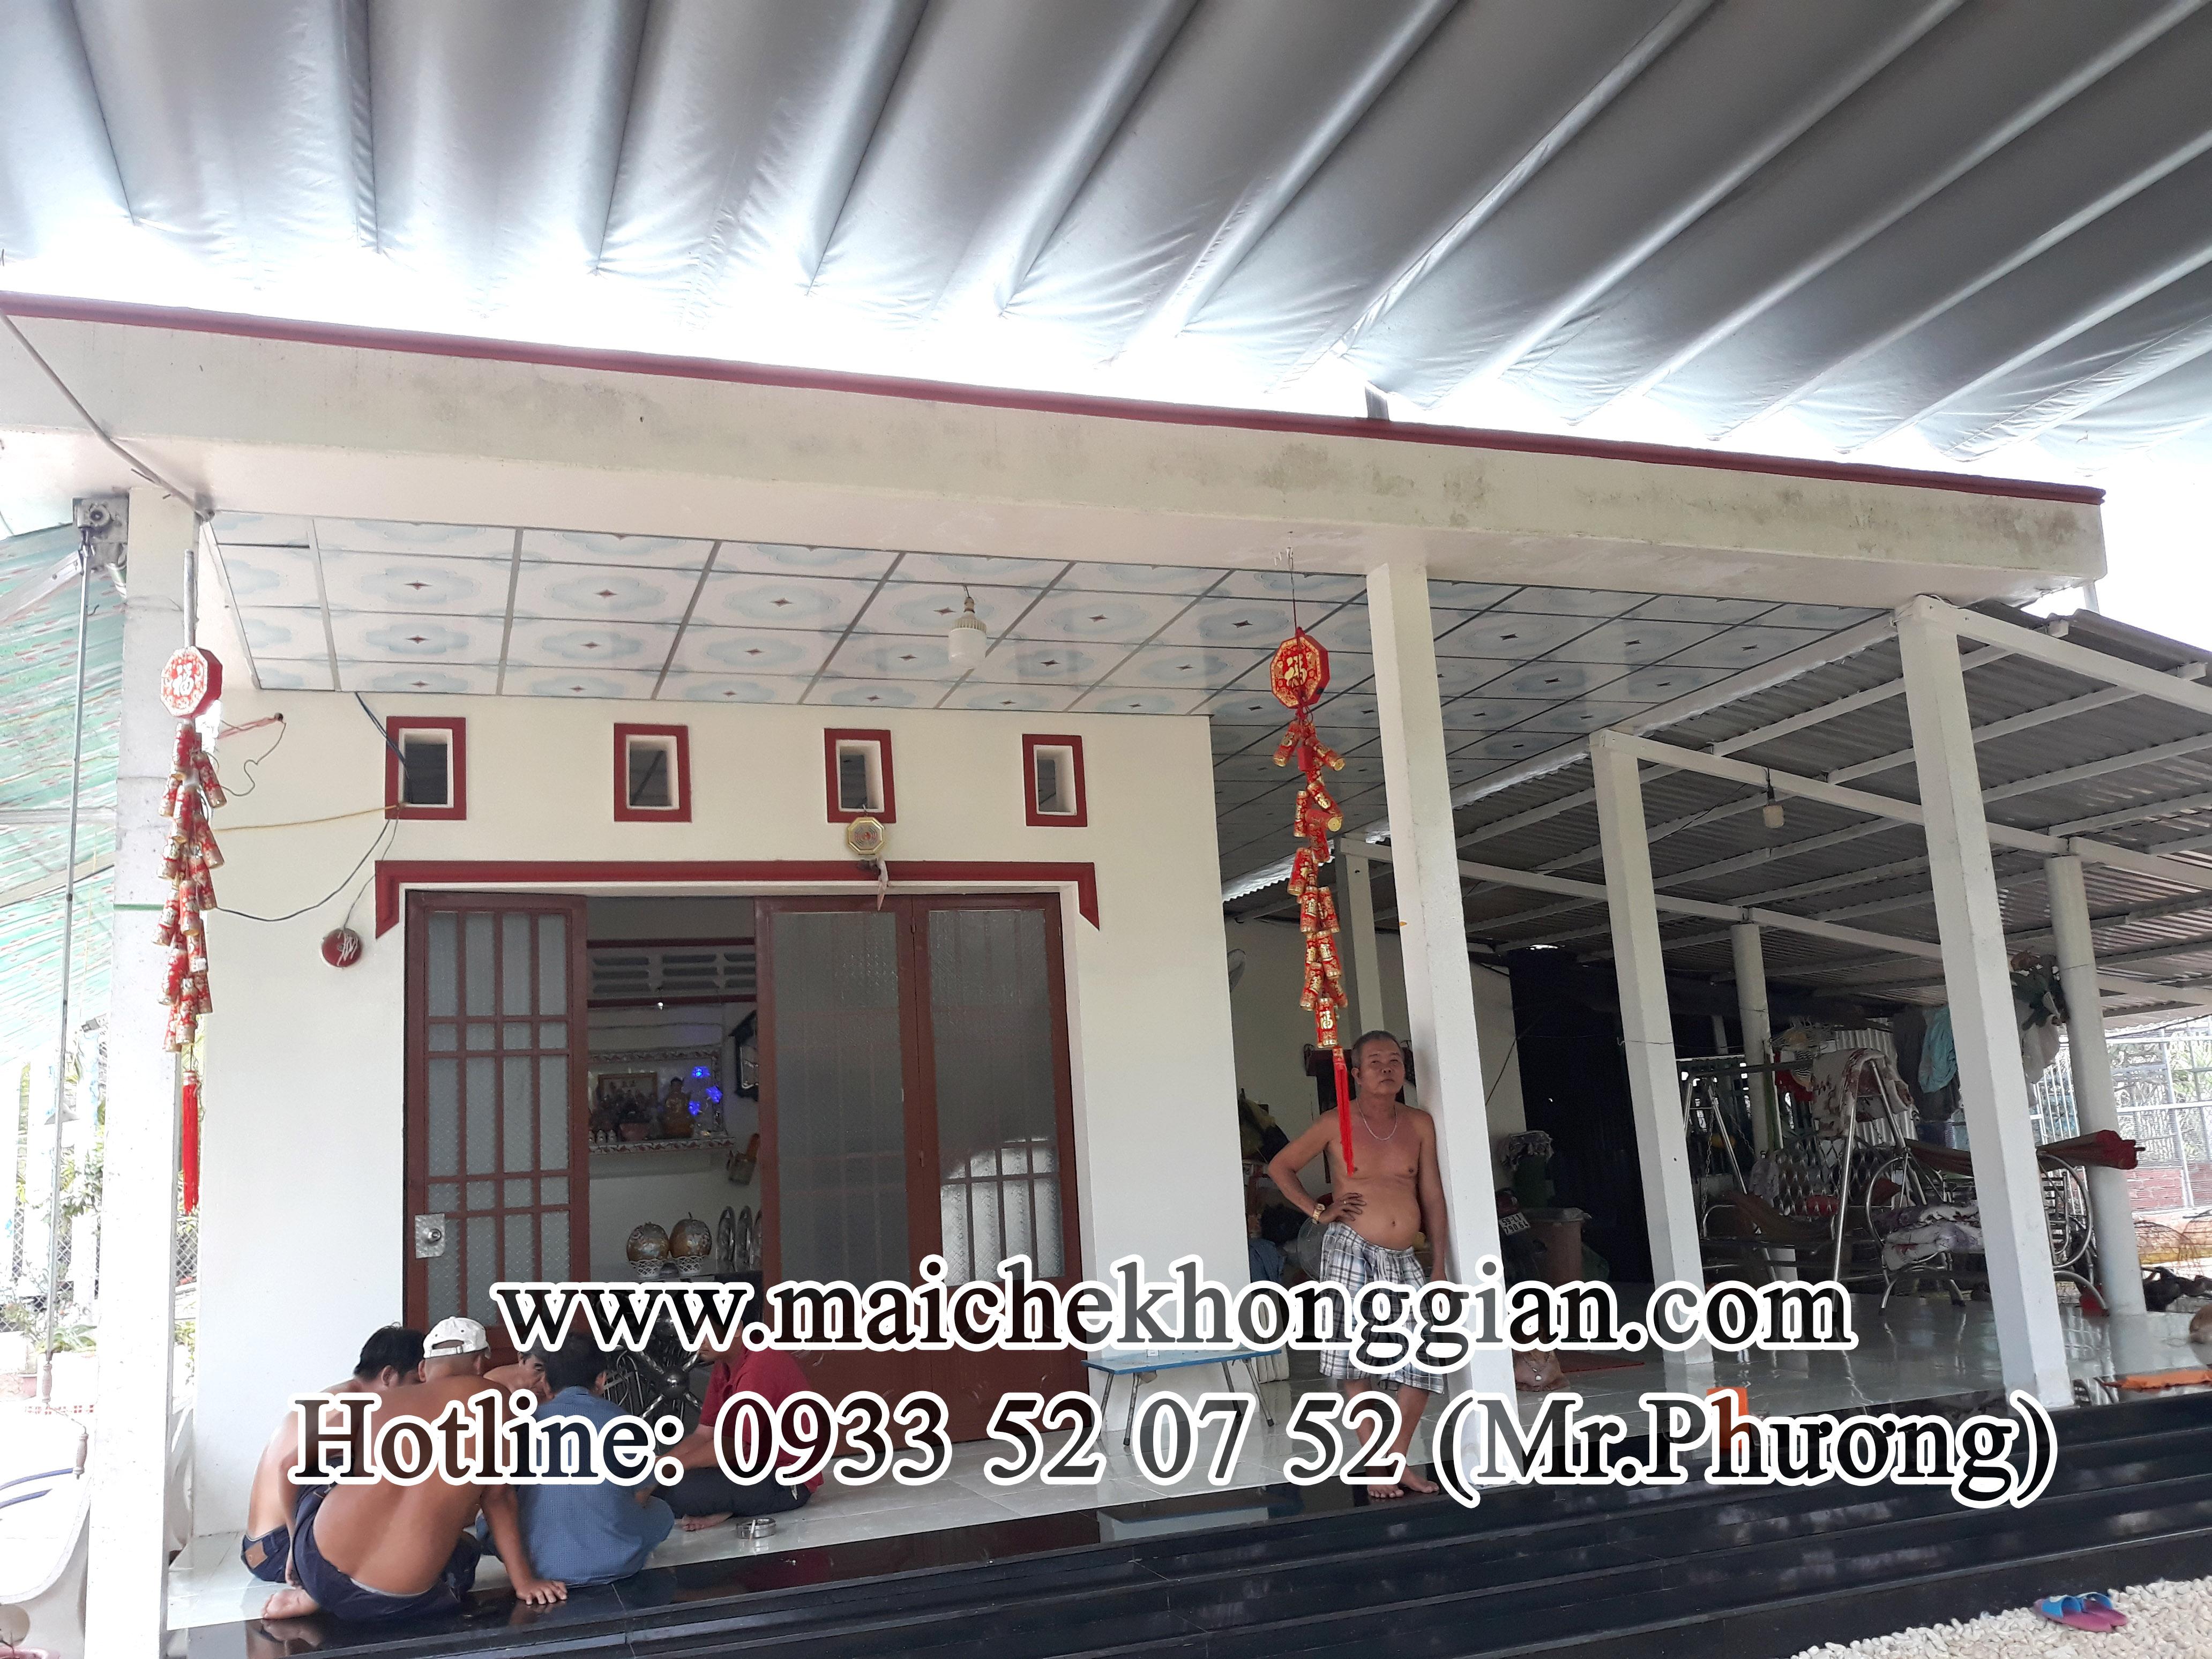 Thay bạt mái che Huyện Long hồ Vĩnh Long